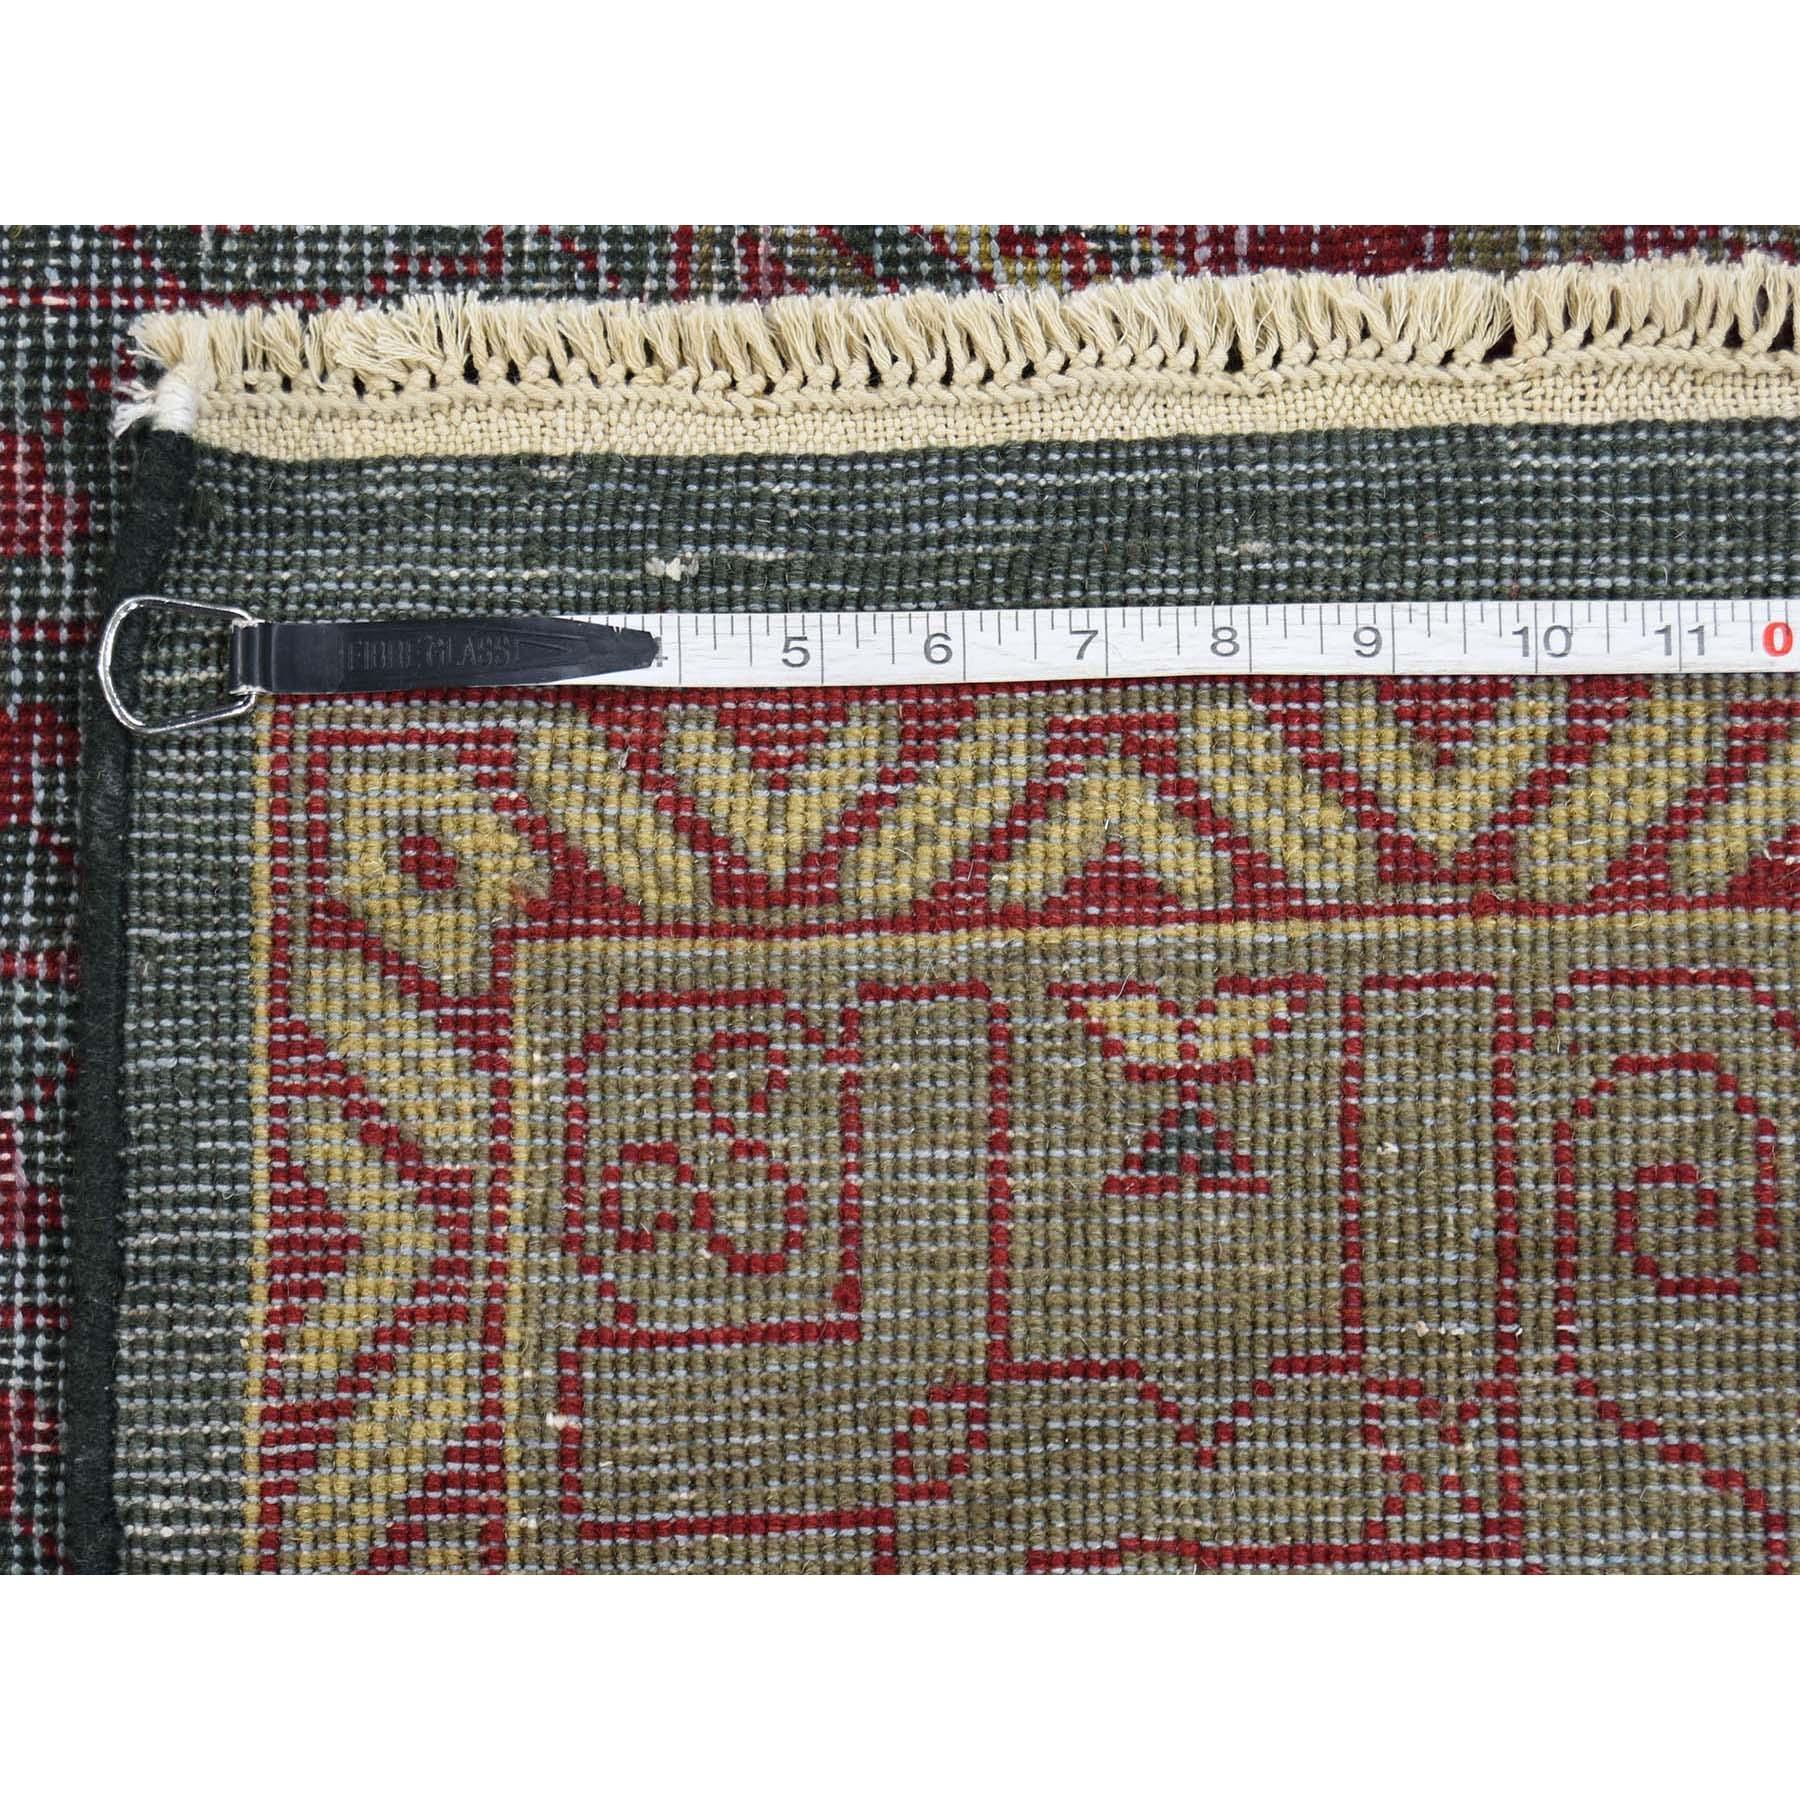 9-6 x14- Vintage Look Mamluk Zero Pile Shaved Low Worn Wool Rug